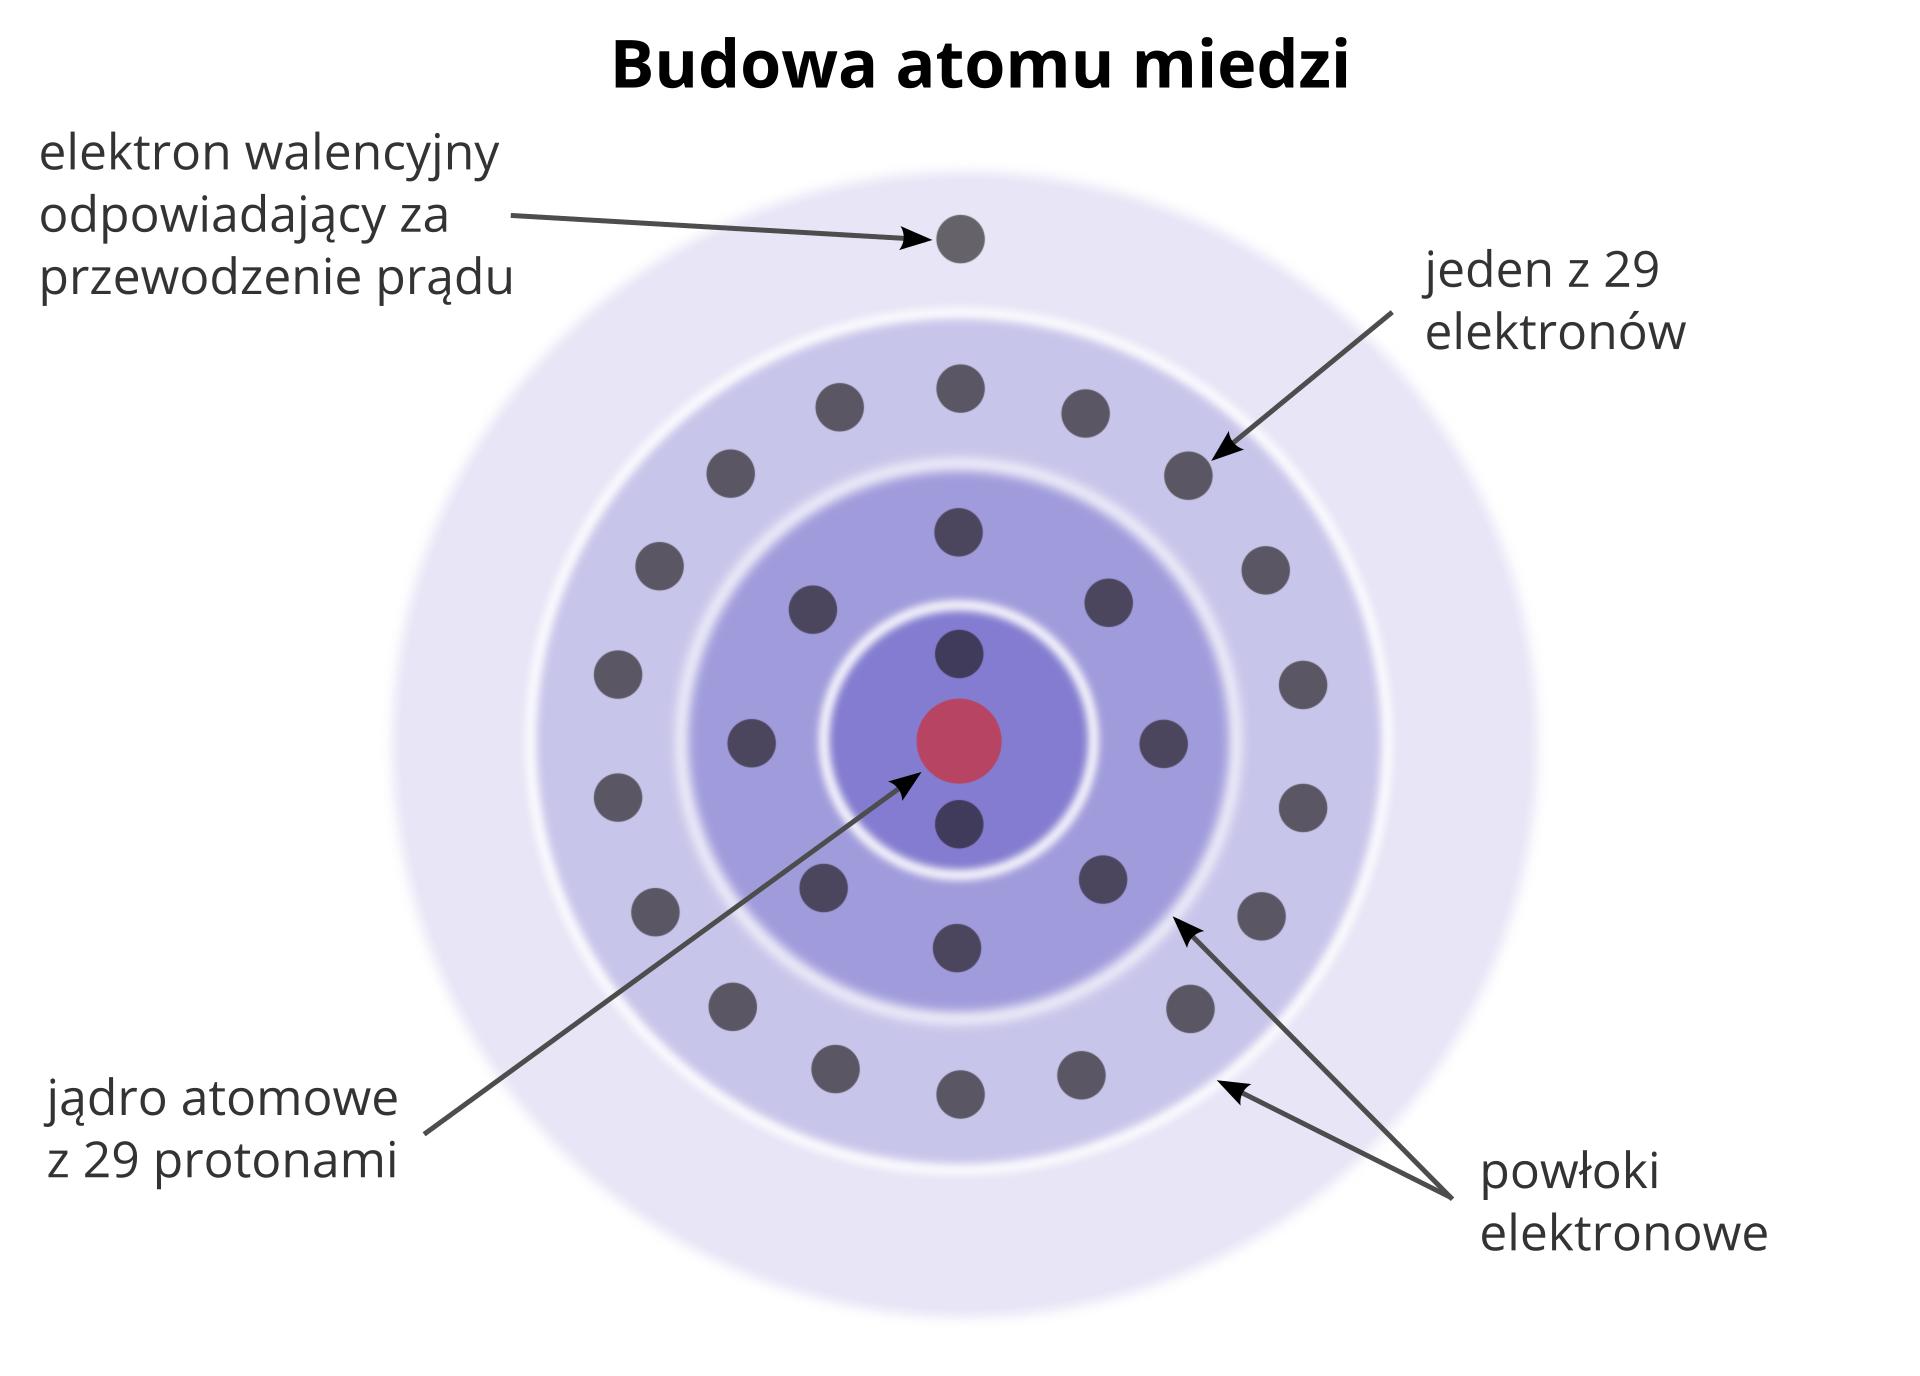 """Ilustracja przedstawia budowę atomu miedzi. Na górze ilustracji tytuł czarnymi literami: budowa atomu miedzi. Na środku schemat atomu miedzi. Schemat to pięć okręgów. Okręgi są umieszczone jeden wdrugim. Od najmniejszego do największego. Odstępy między kolejnymi okręgami są jednakowe. Wśrodku okręgu znajduje się różowe koło. Na środku koła litery """"ce-u"""". To symbol miedzi. Różowe koło to jądro atomowe. Wokół jądra znajdują się cztery okręgi. Okręgi to powłoki elektronowe. Powłoki mają postać cienkich linii. Na każdej powłoce znajdują się szare małe koła. Małe koła to elektrony. Wokół jądra krąży dwadzieścia dziewięć elektronów. Na każdej powłoce znajduje się inna ilość elektronów. Najbliżej jądra krążą dwa elektrony. Elektrony są umieszczone naprzeciw siebie. Jeden nad jądrem, na dwunastej. Drugi poniżej jądra na szóstej. Na drugiej powłoce krąży osiem elektronów. Elektrony są umieszczone wrównych odstępach od siebie. Na trzeciej powłoce znajduje się osiemnaście elektronów. Na zewnętrznej czwartej powłoce znajduje się jeden elektron. Jest to elektron walencyjny. Umieszczony nad jądrem, na dwunastej. Elektrony opisane są poprzez czarne strzałki wskazujące umiejscowienie elektronu na powłokach. Nad elektronem walencyjnym napis: elektron walencyjny odpowiadający za przewodzenie prądu. Po prawej, strzałka wskazuje dowolny elektron na trzeciej powłoce. Obok napis: jeden zdwudziestu dziewięciu elektronów. Poniżej dwie strzałki wskazuję przestrzeń między okręgami. Napis obok: powłoki elektronowe. Poniżej ilustracji strzałka wskazuje grotem centrum atomu miedzi. Obok informacja: jądro atomowe zdwudziestoma dziewięcioma protonami ielektronami."""